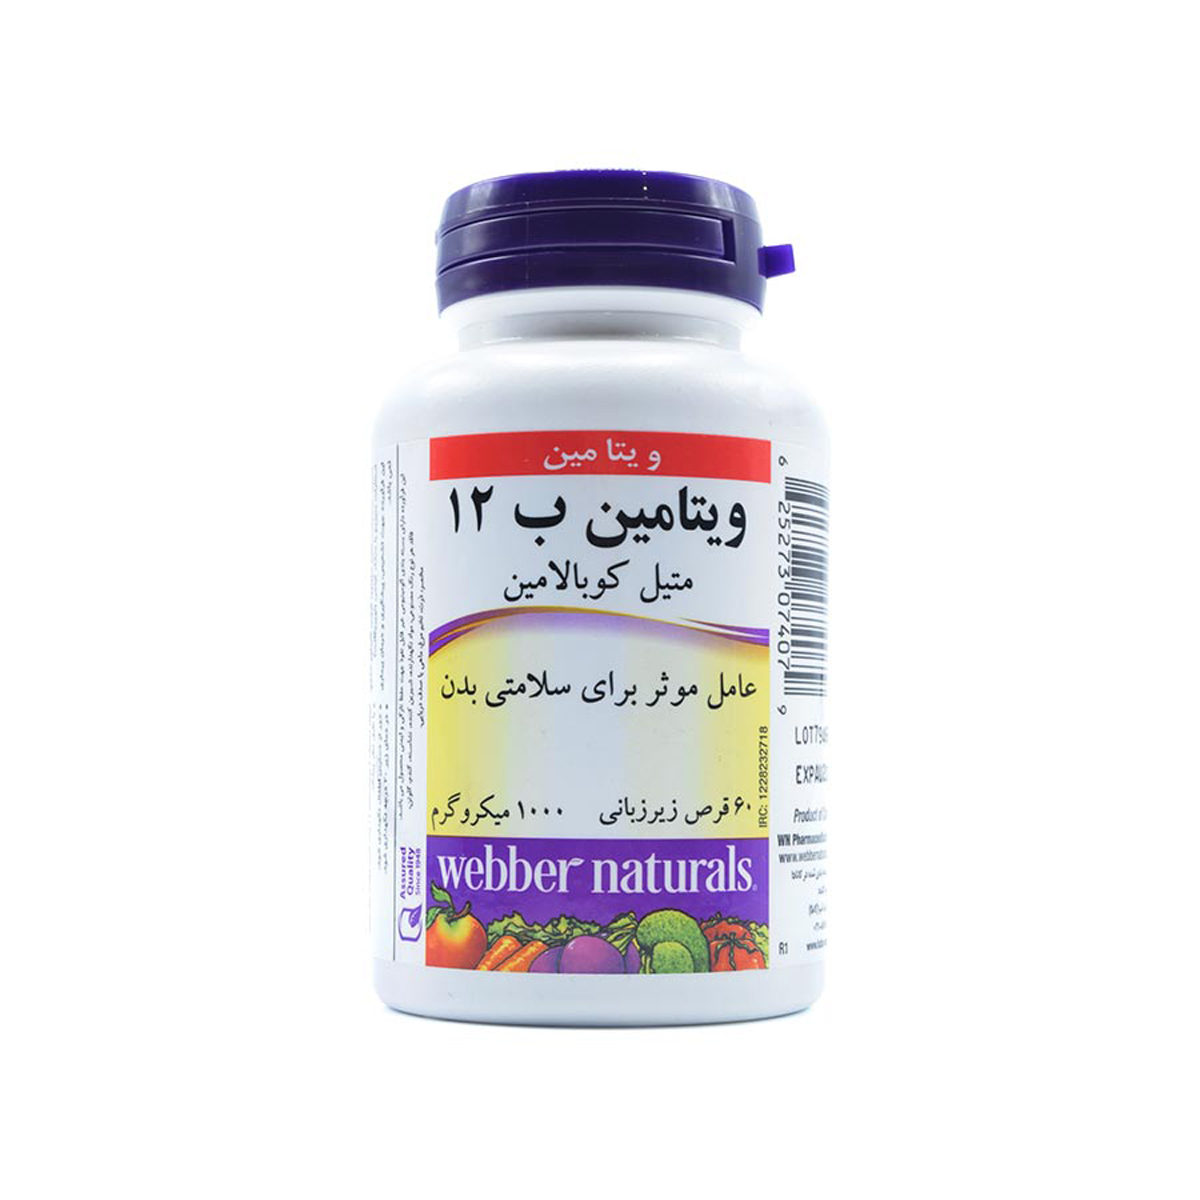 قرص زيرزبانى ویتامین ب 12 وبر نچرالز